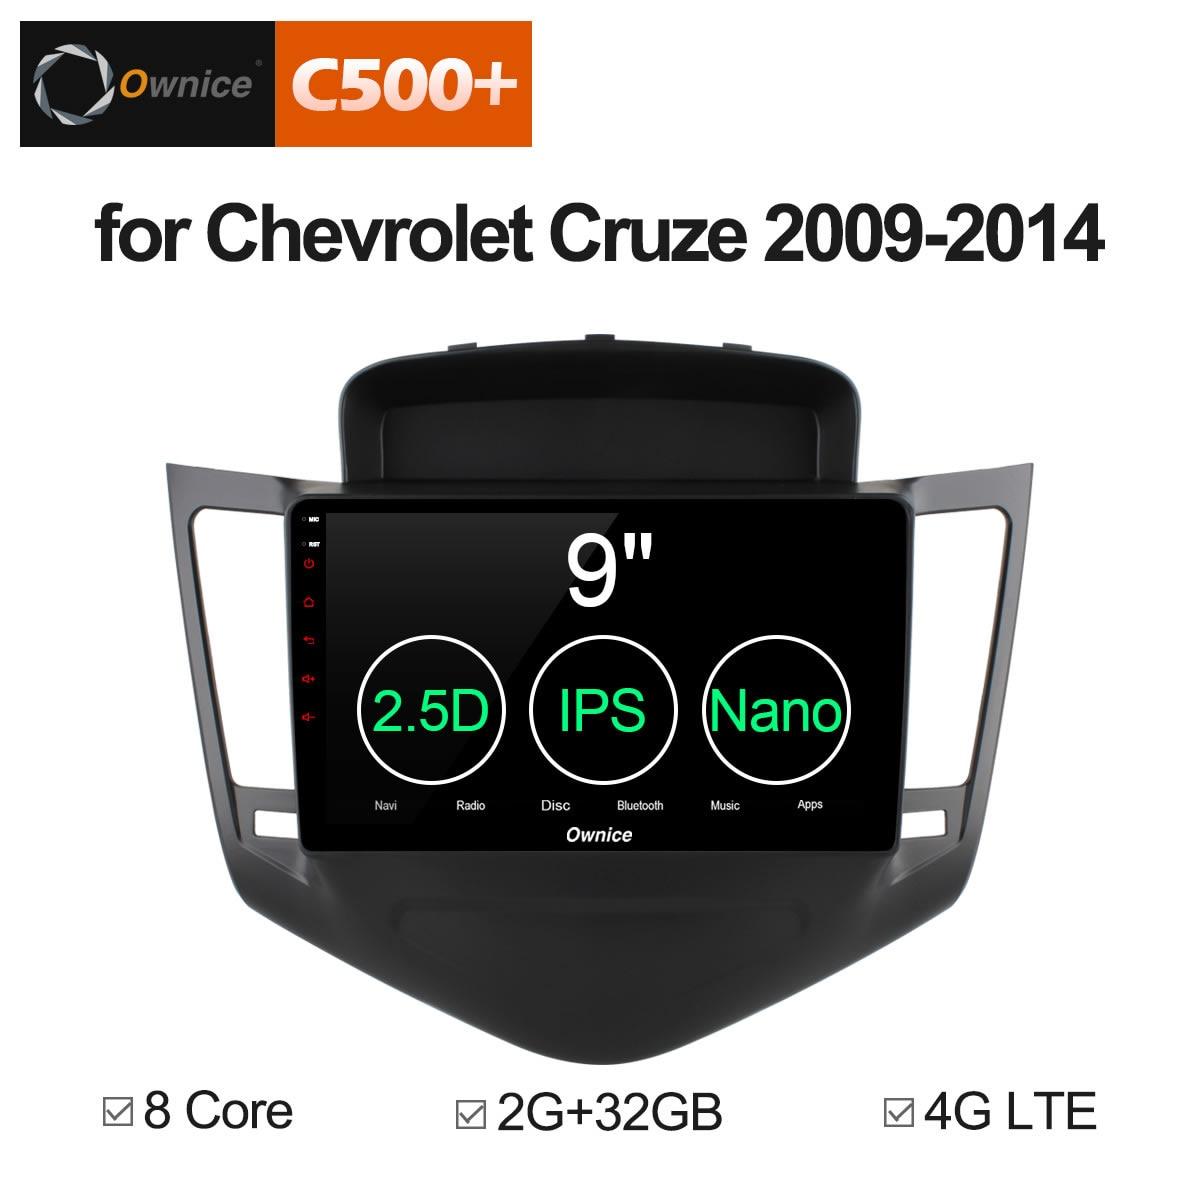 Ownice C500 + G10 2 din tela de toque Android 8.1 carro dvd gps para Chevrolet Cruze 2009-2014 oito núcleo 2g RAM 32g Apoio ROM 4g